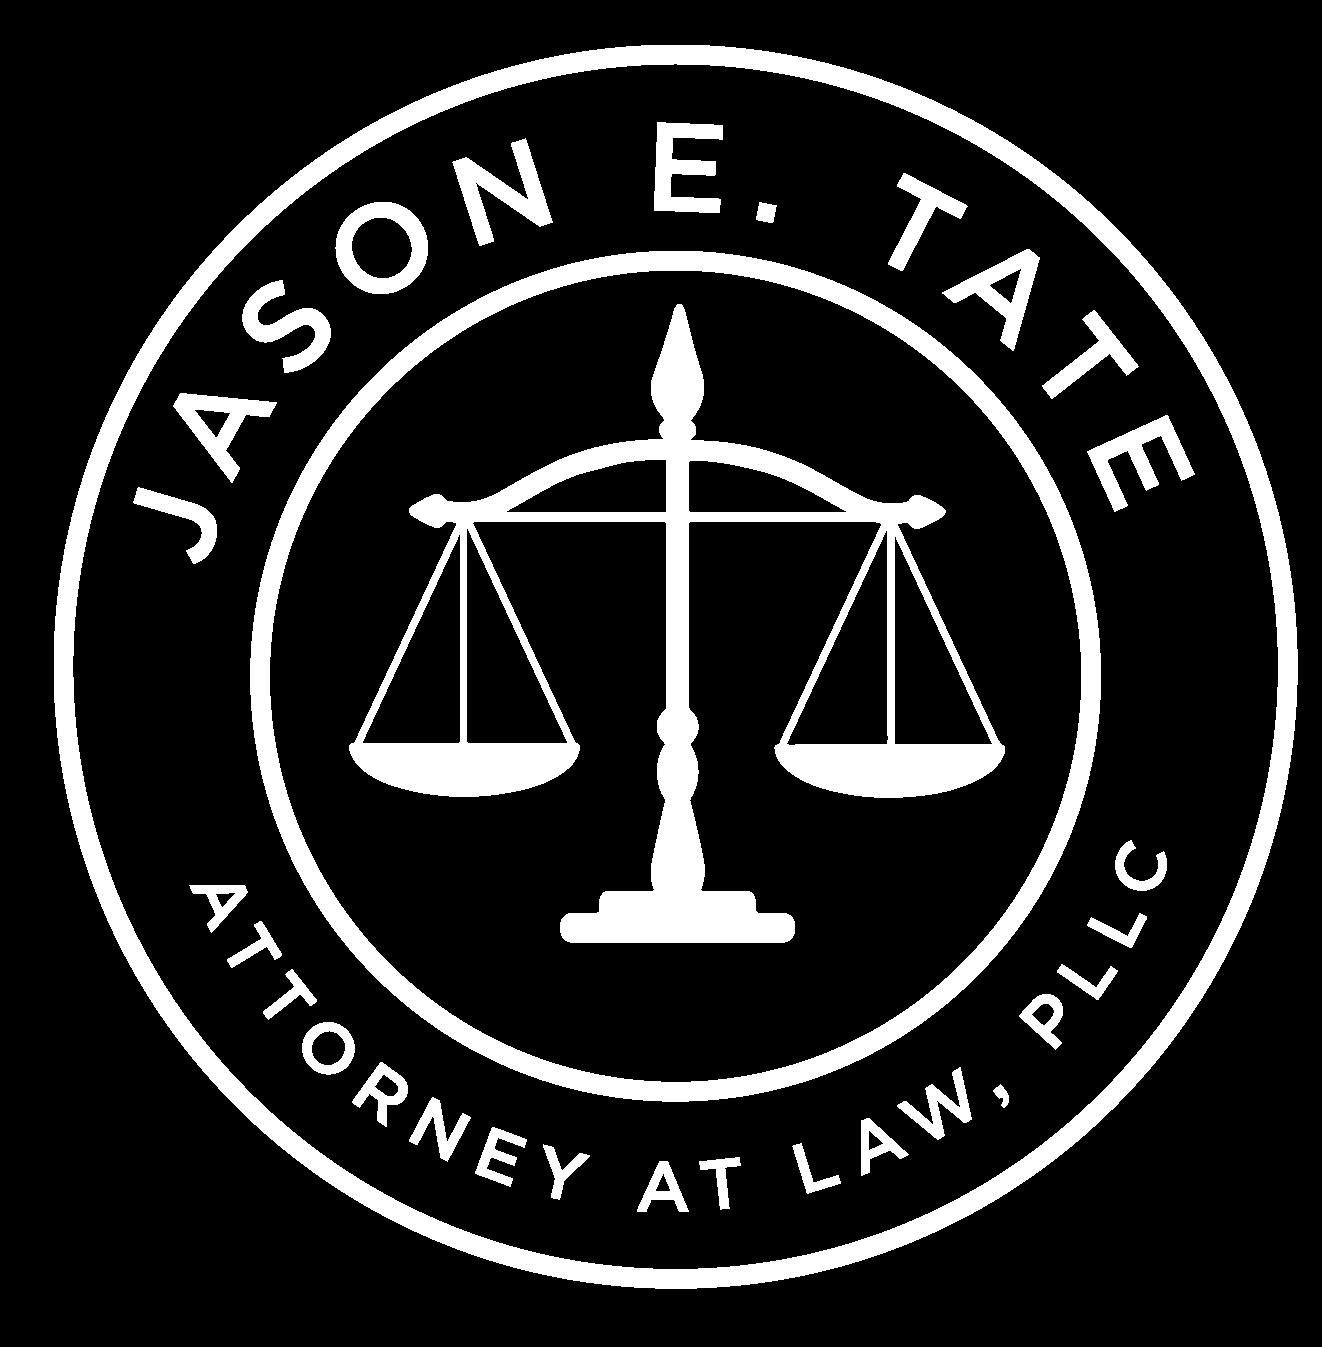 JasonTateLaw-Logo-R2-02.png